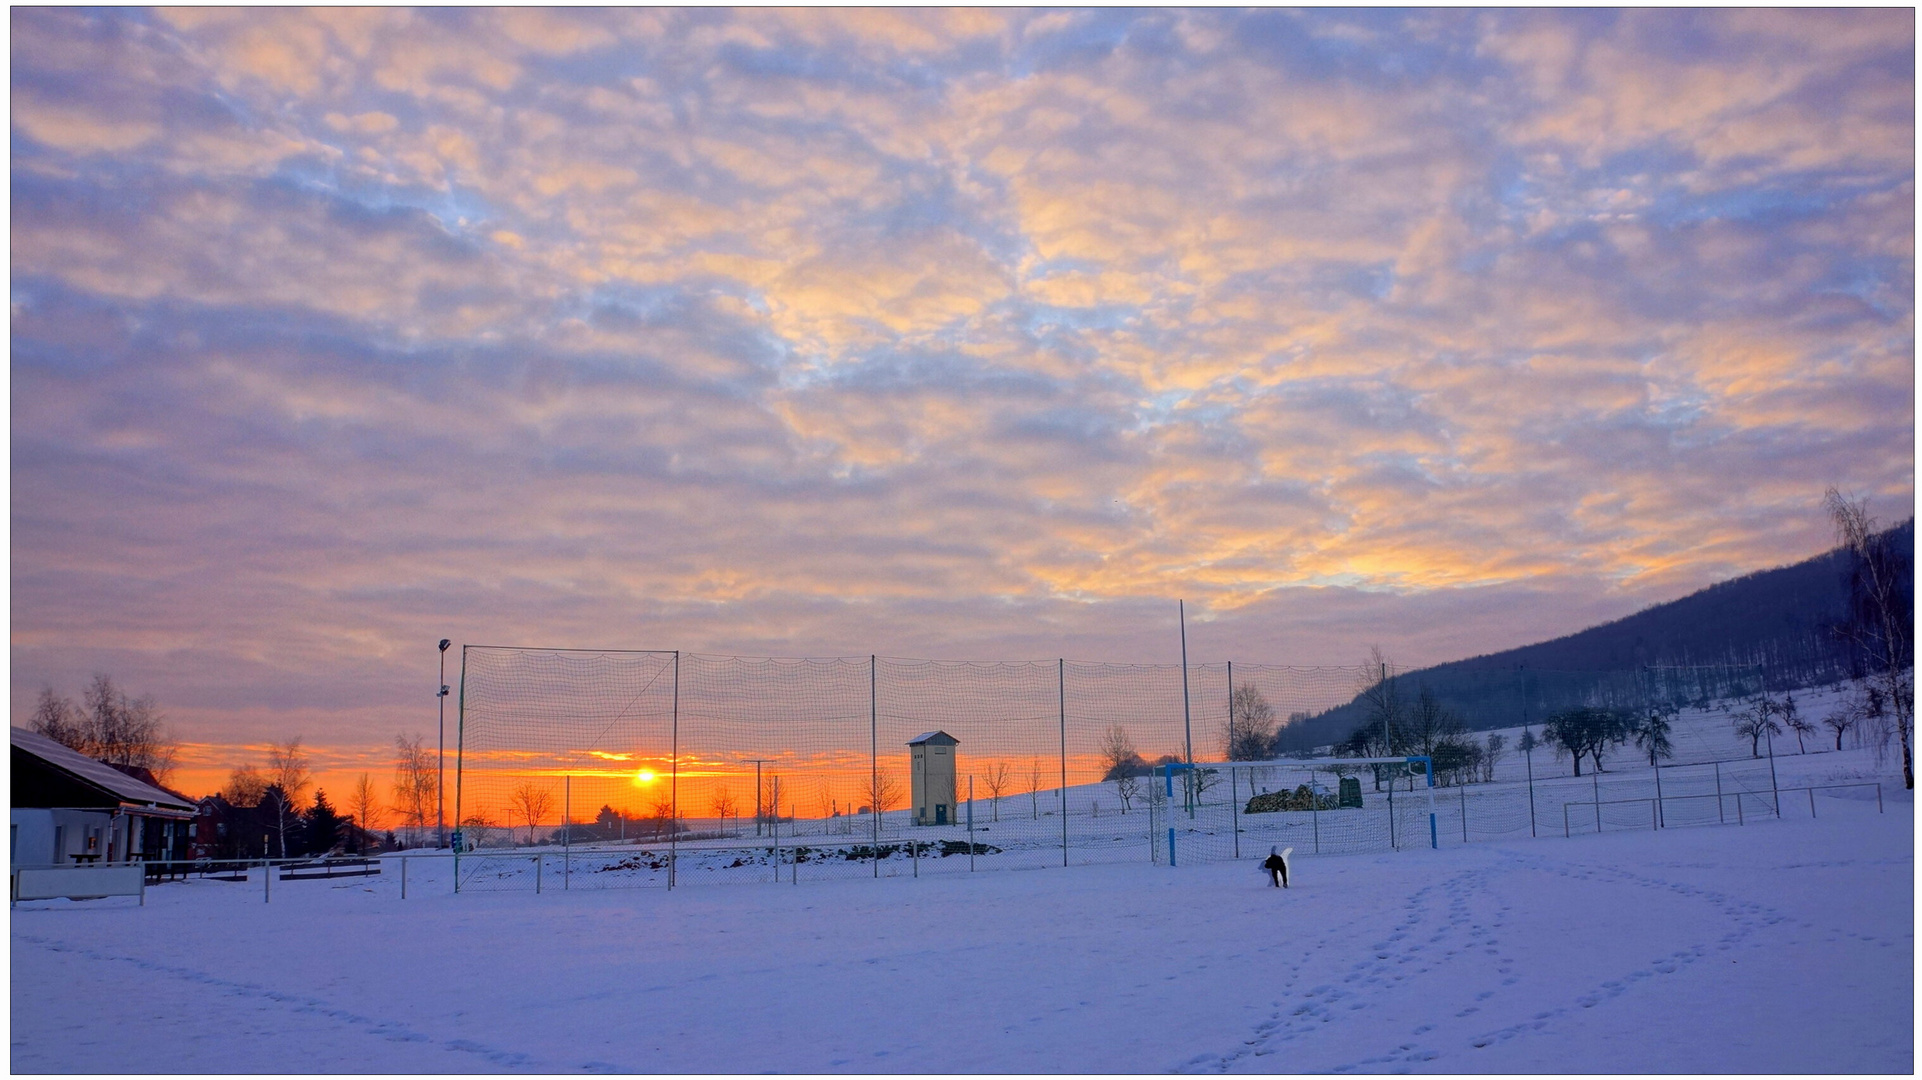 Sonnenaufgang am Sportplatz (salida del sol en el campo de deportes)